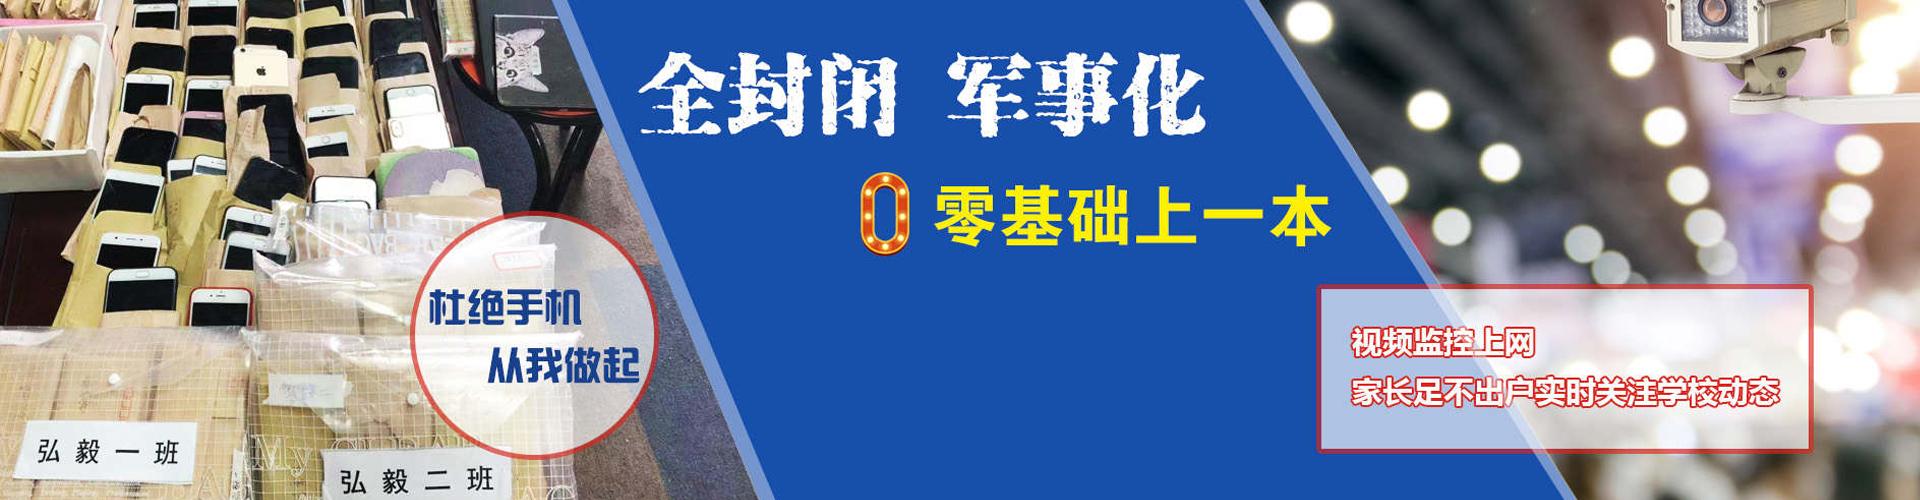 武汉艺术生文化课辅导机构